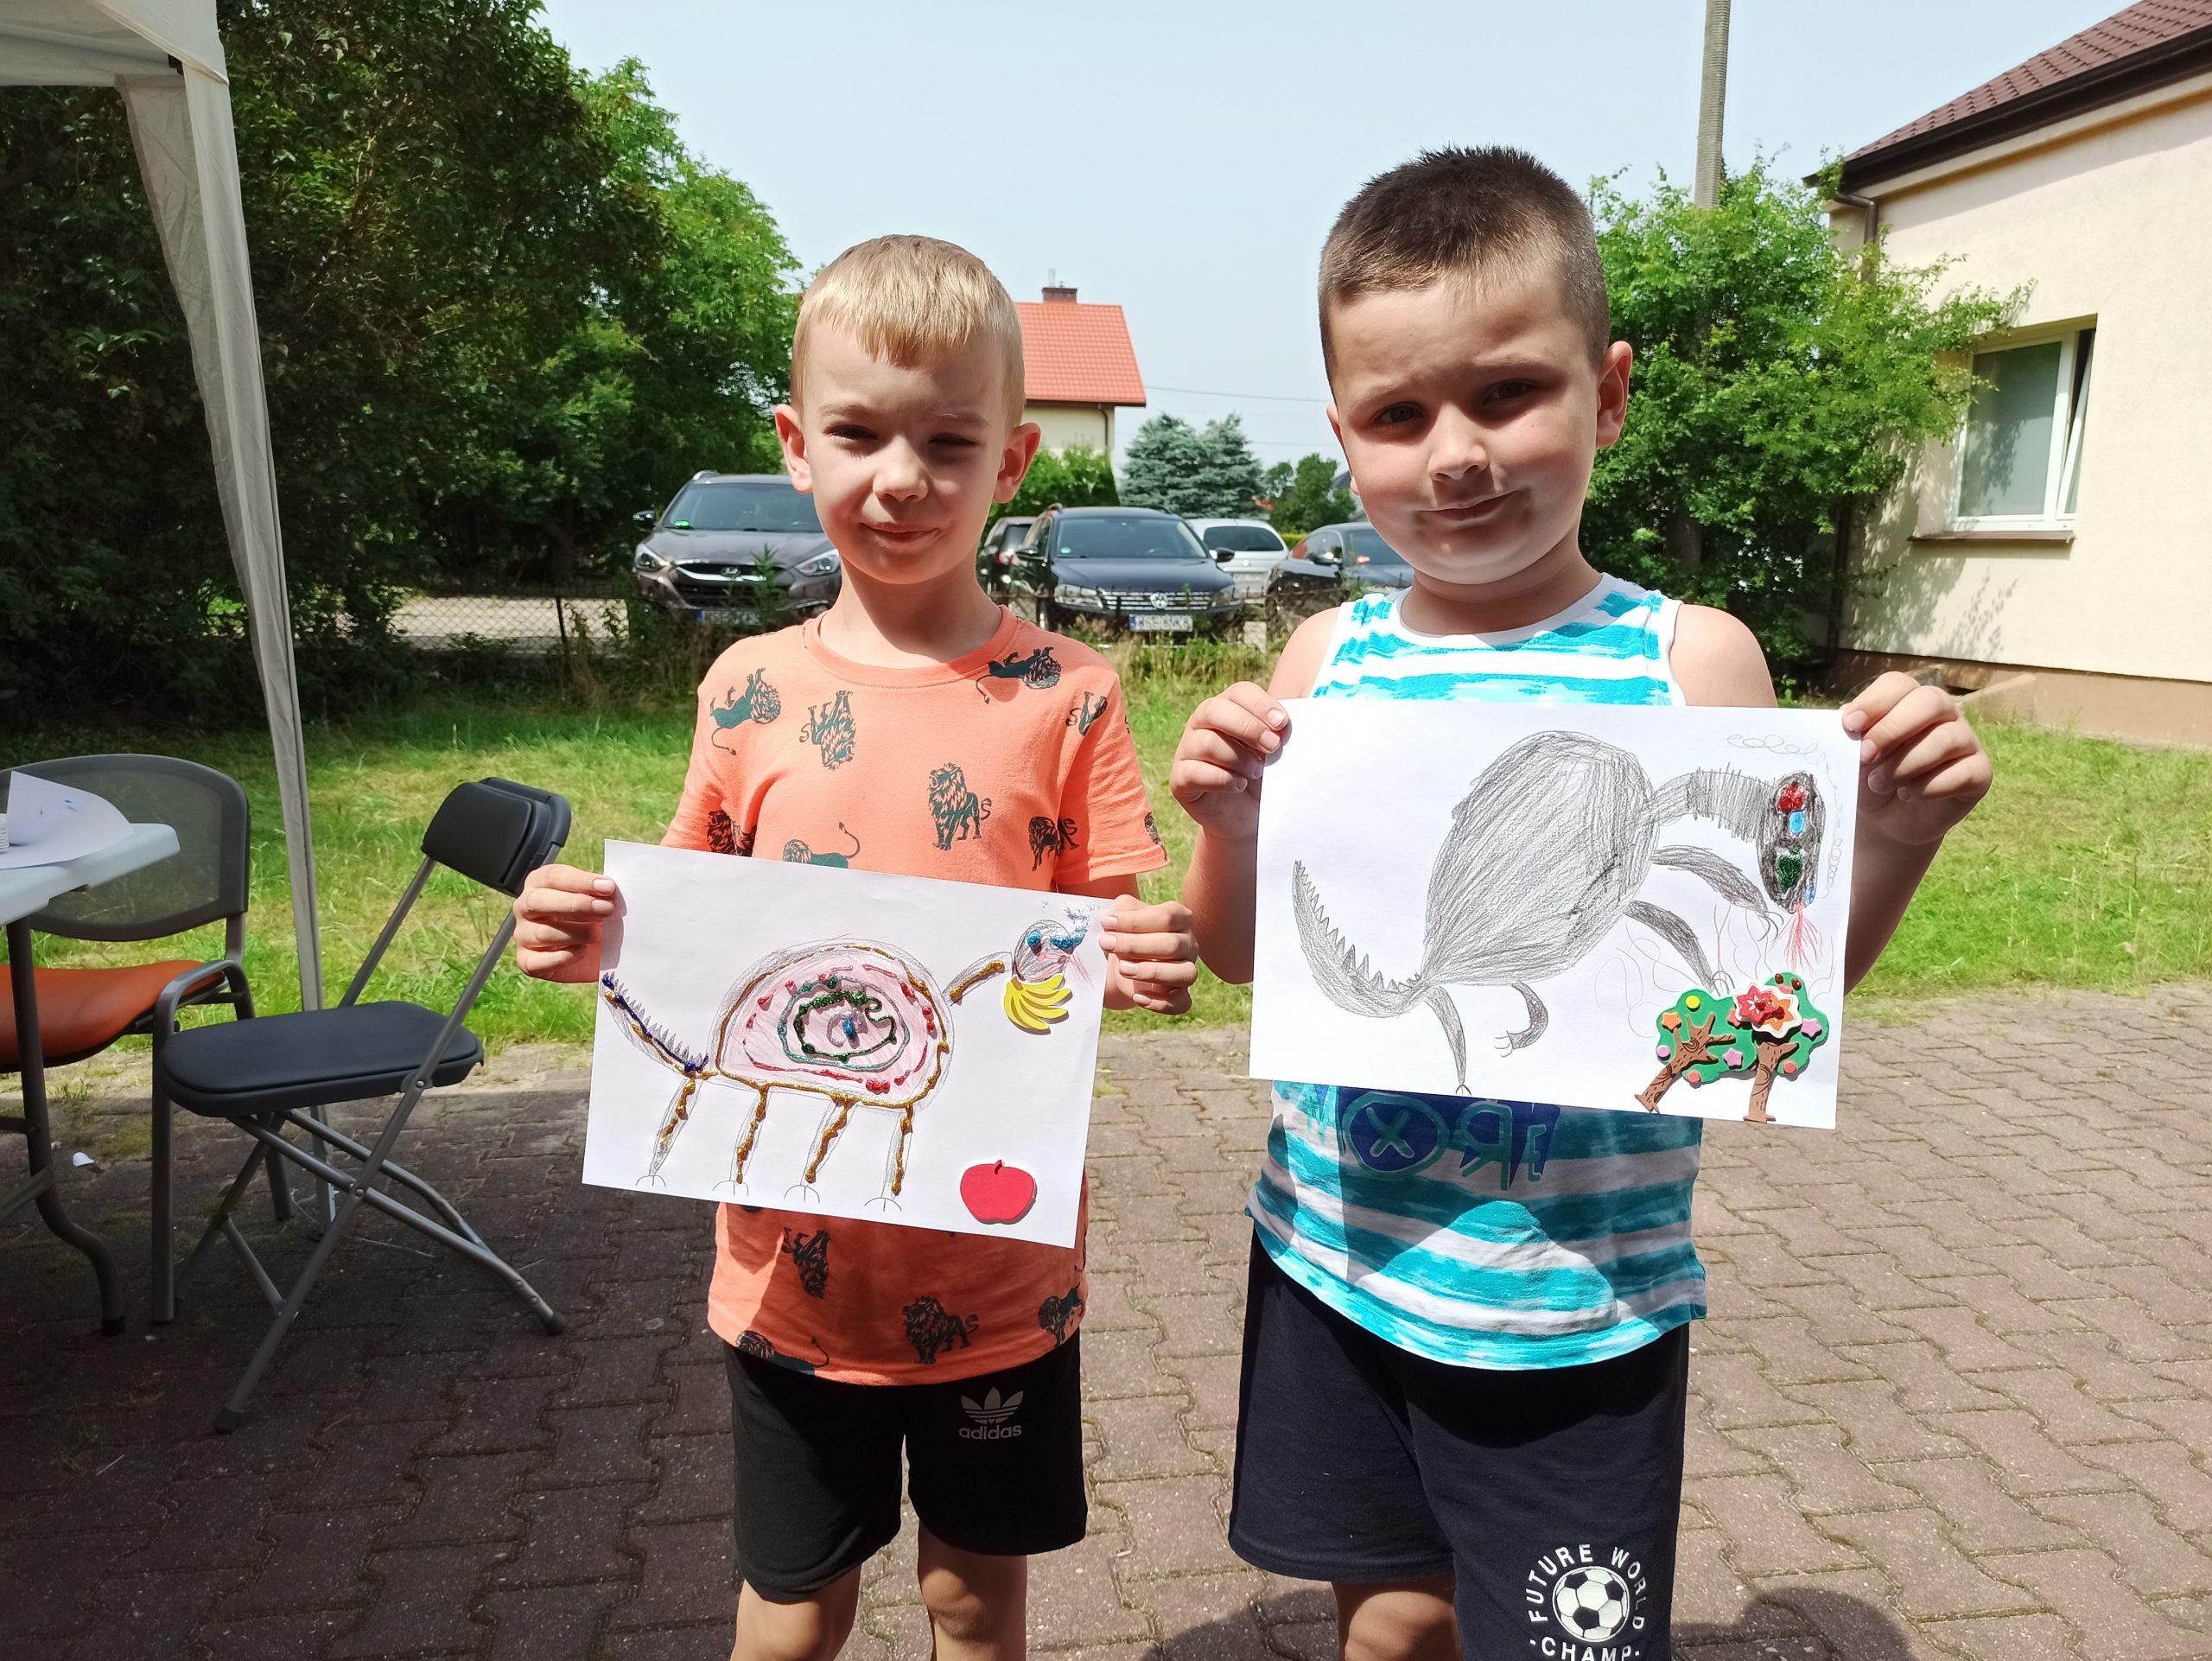 Chłopcy pokazują wykonane przezsiebie prace plastyczne.